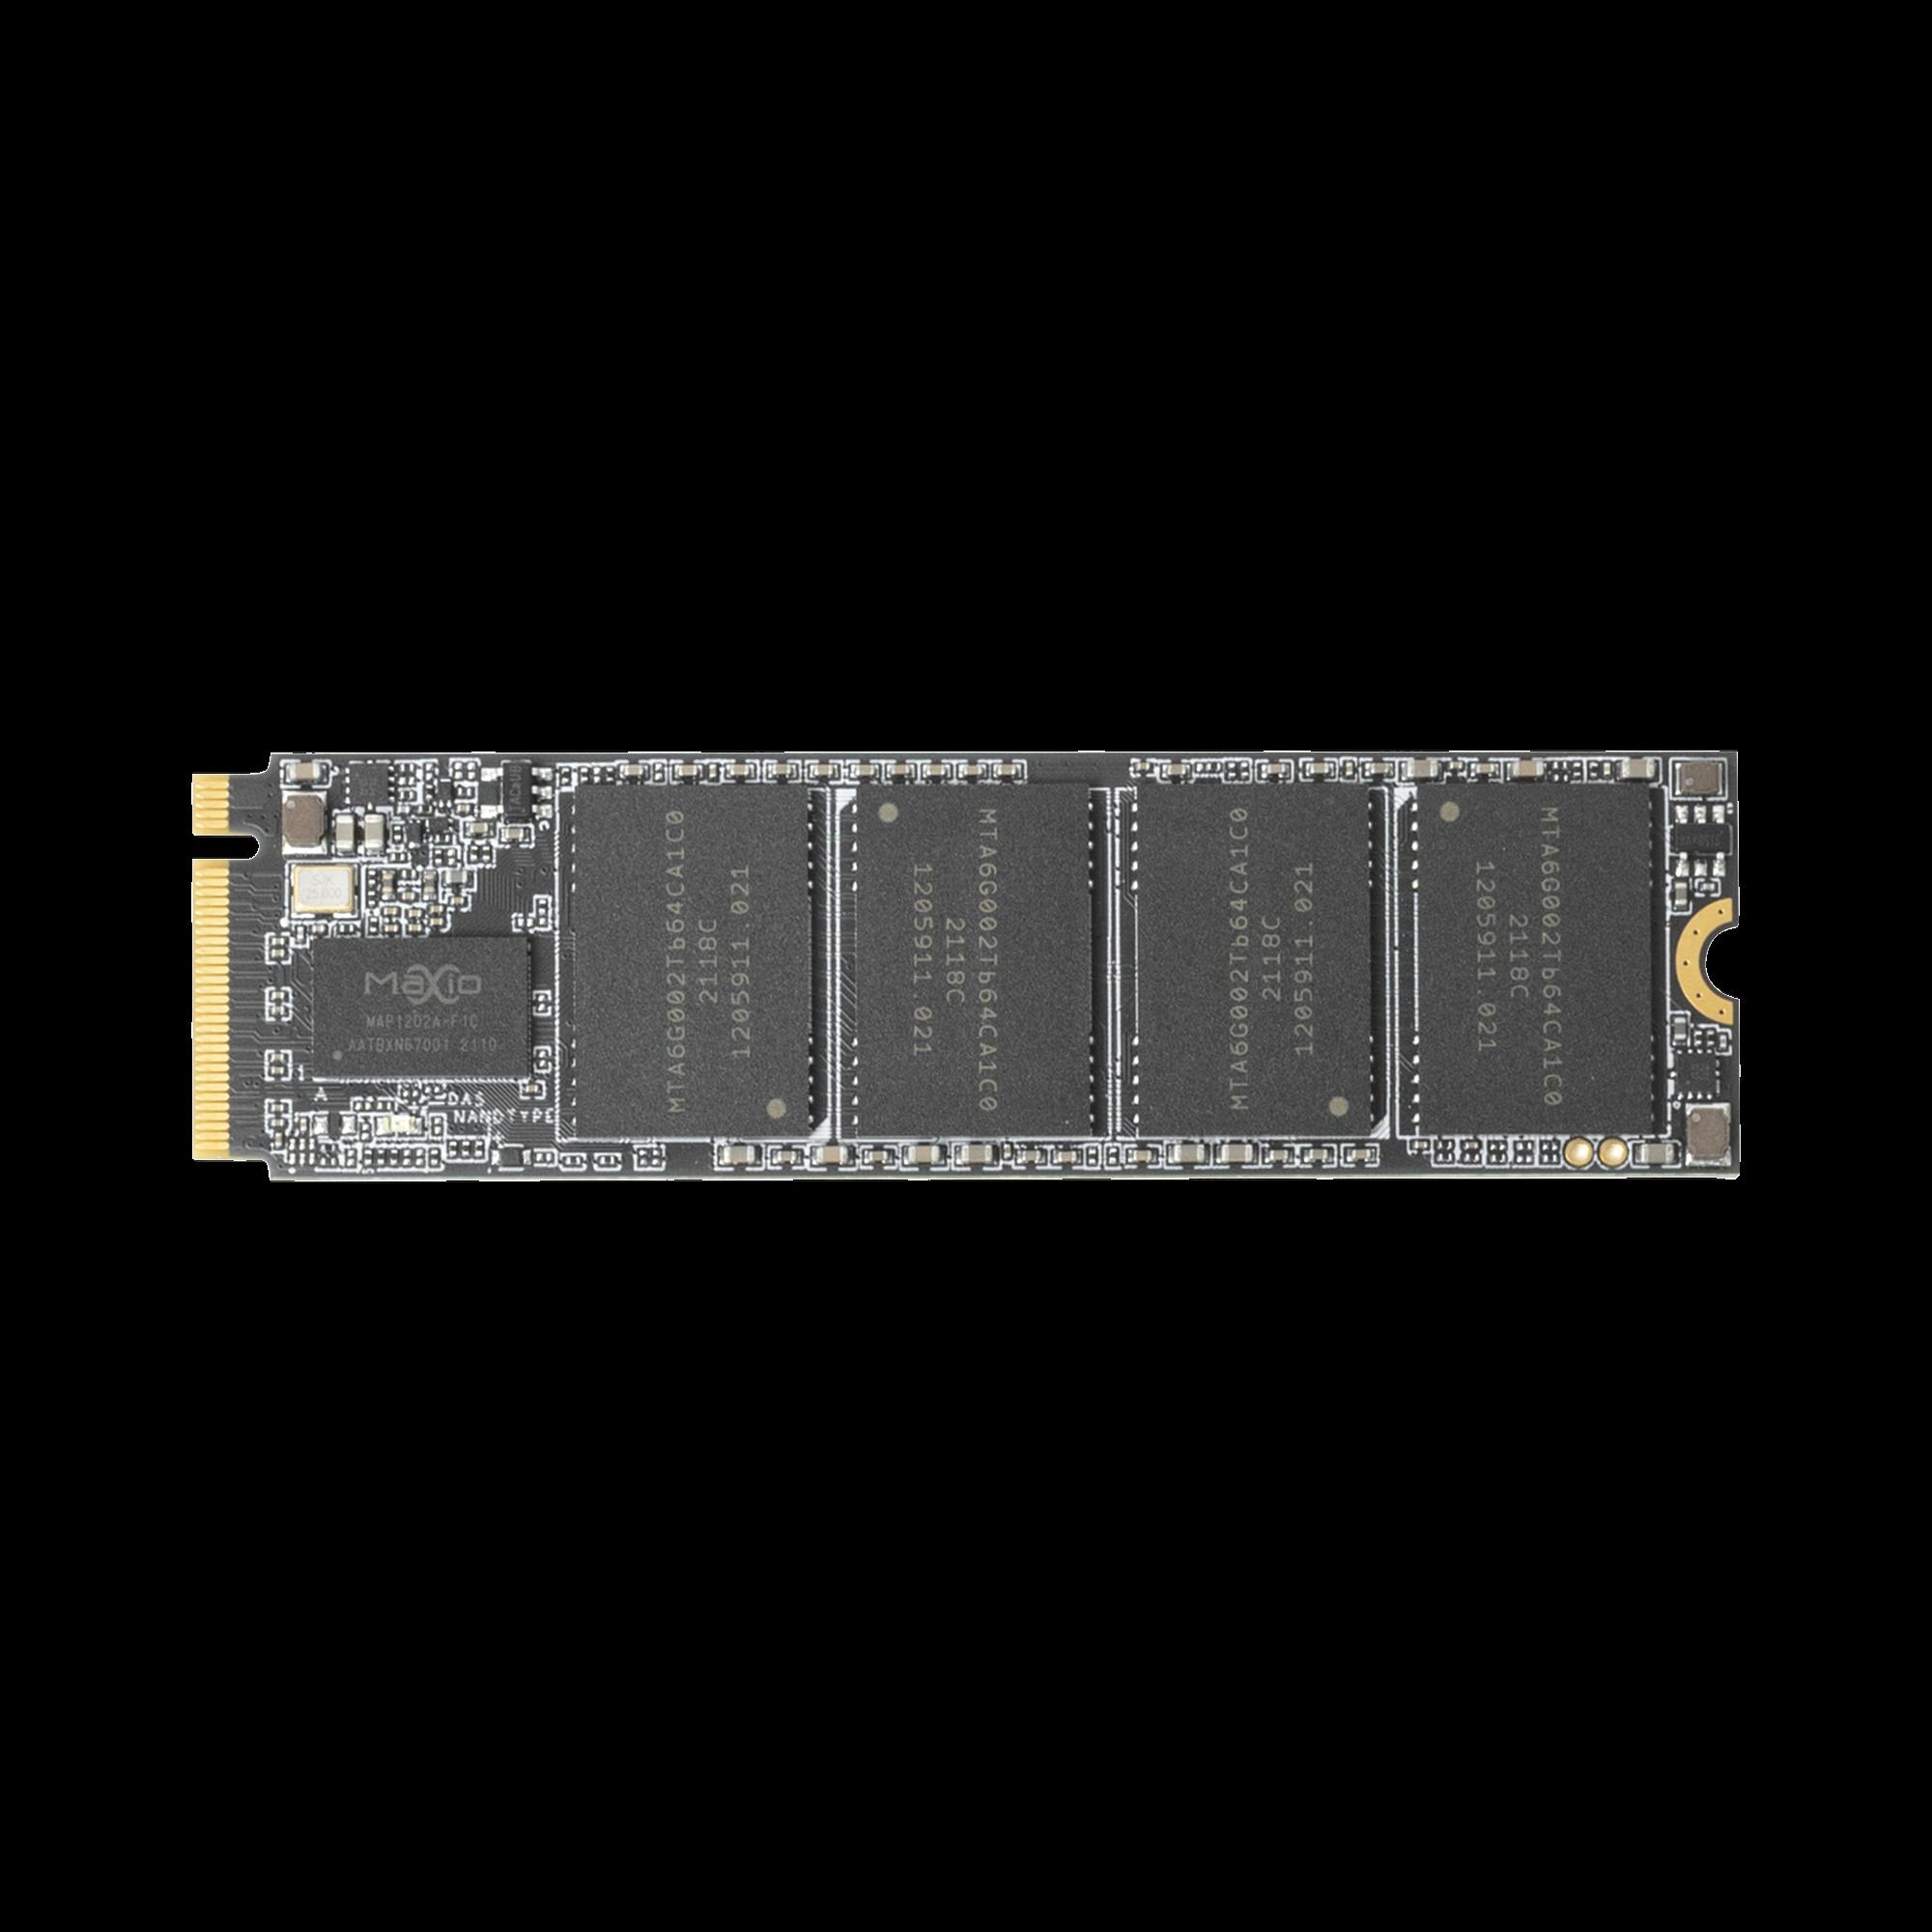 Unidad de Estado Sólido (SSD) 1024 GB / PERFORMANCE EXTREMO en Lectura y Escritura/ Hasta 3476 MB/s / M.2 NVMe  /  Para Gaming y PC Trabajo Pesado